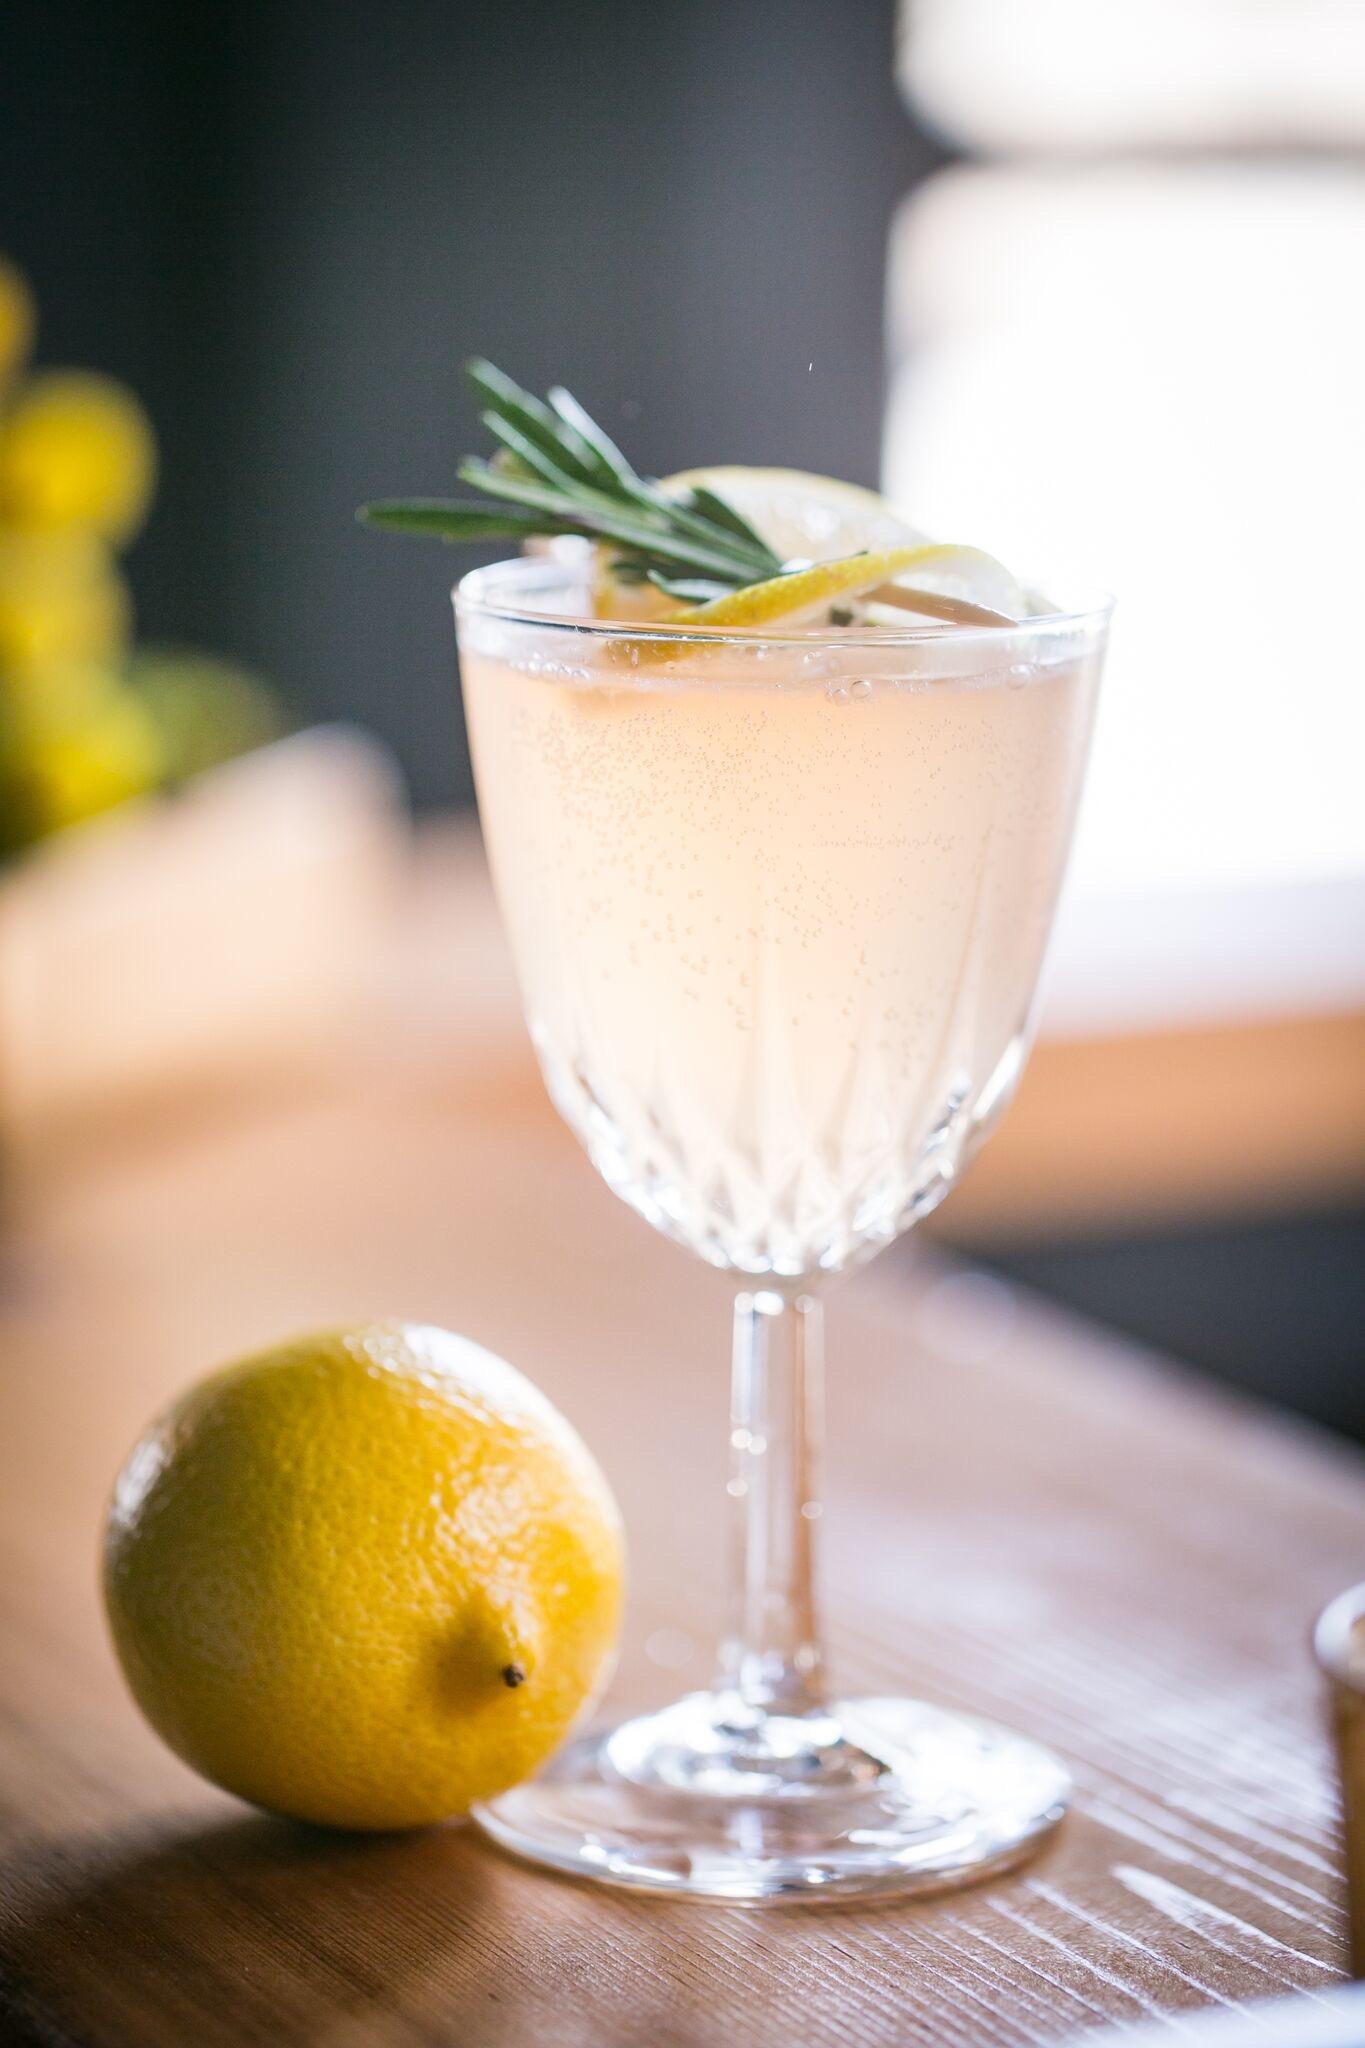 Drink Slingers Austin Event Bartenders Image 66